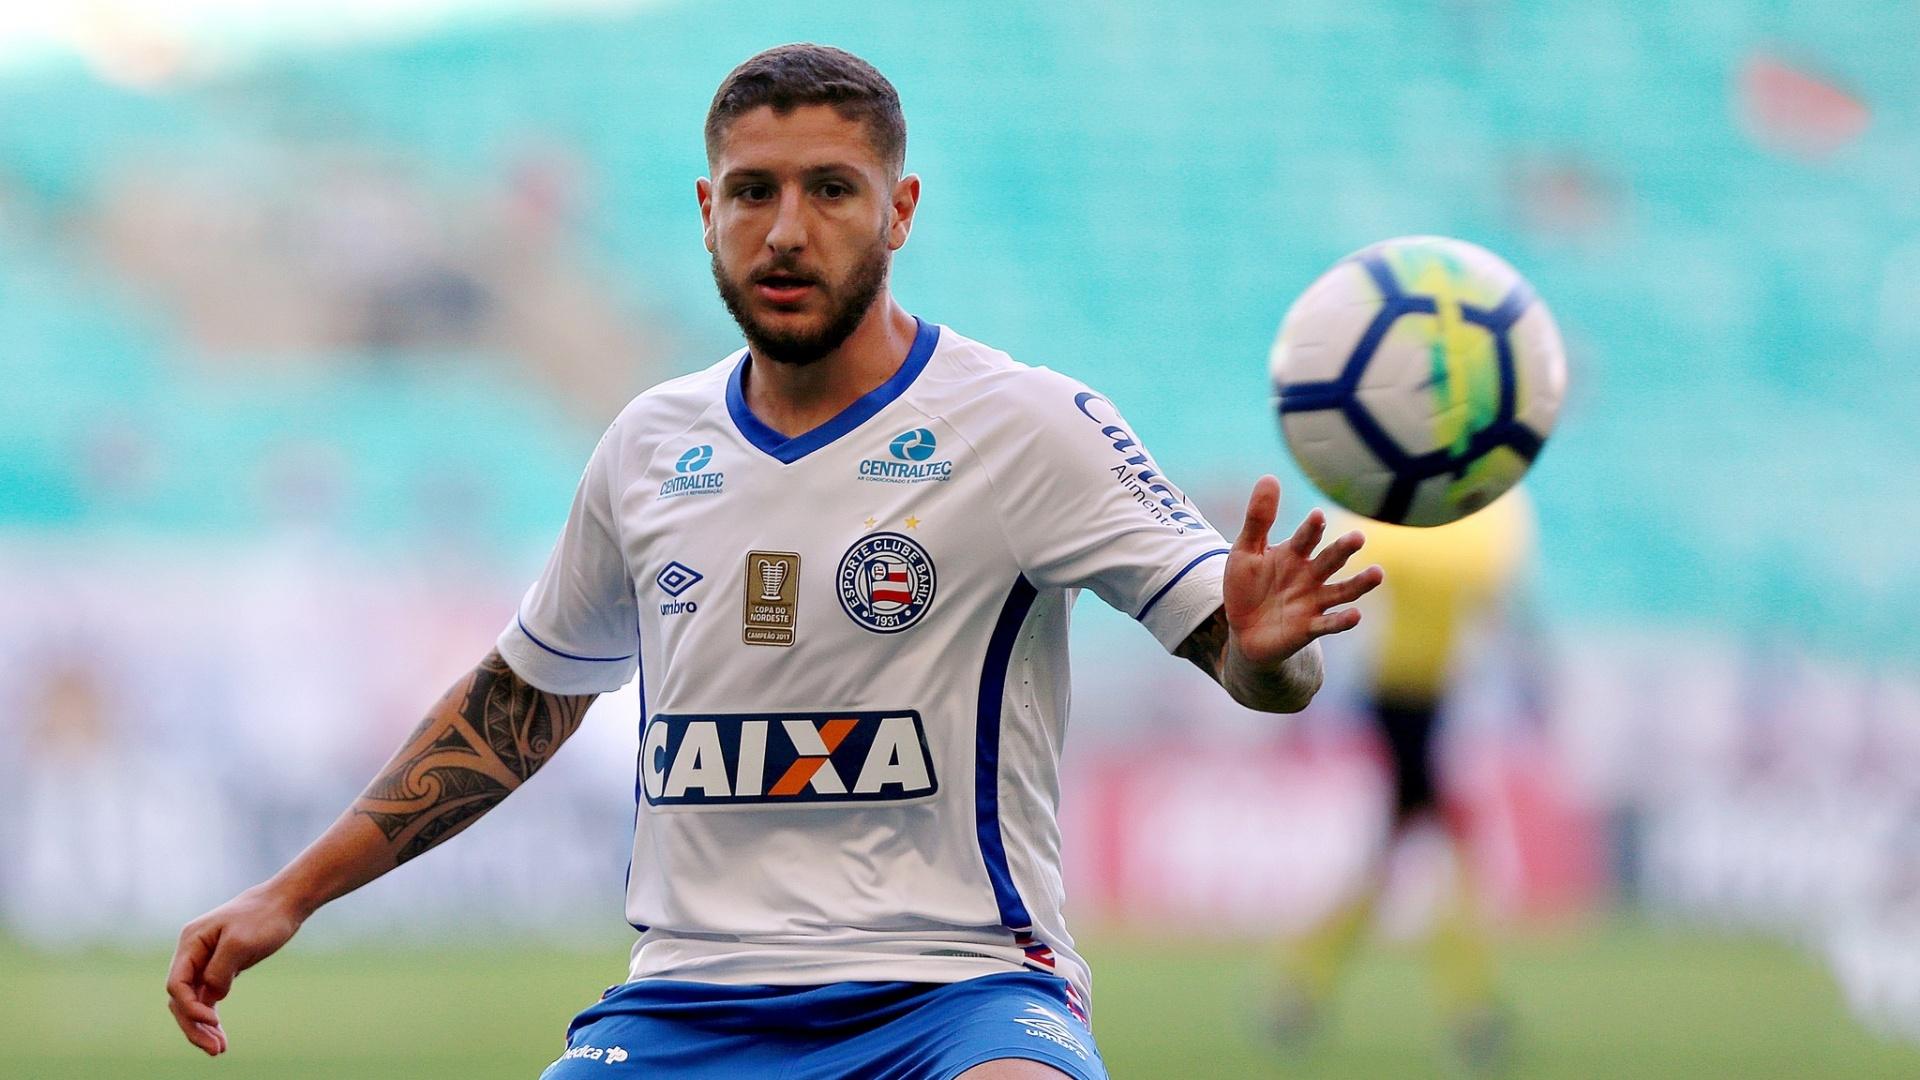 Meia orgulhoso de interesse do Palmeiras